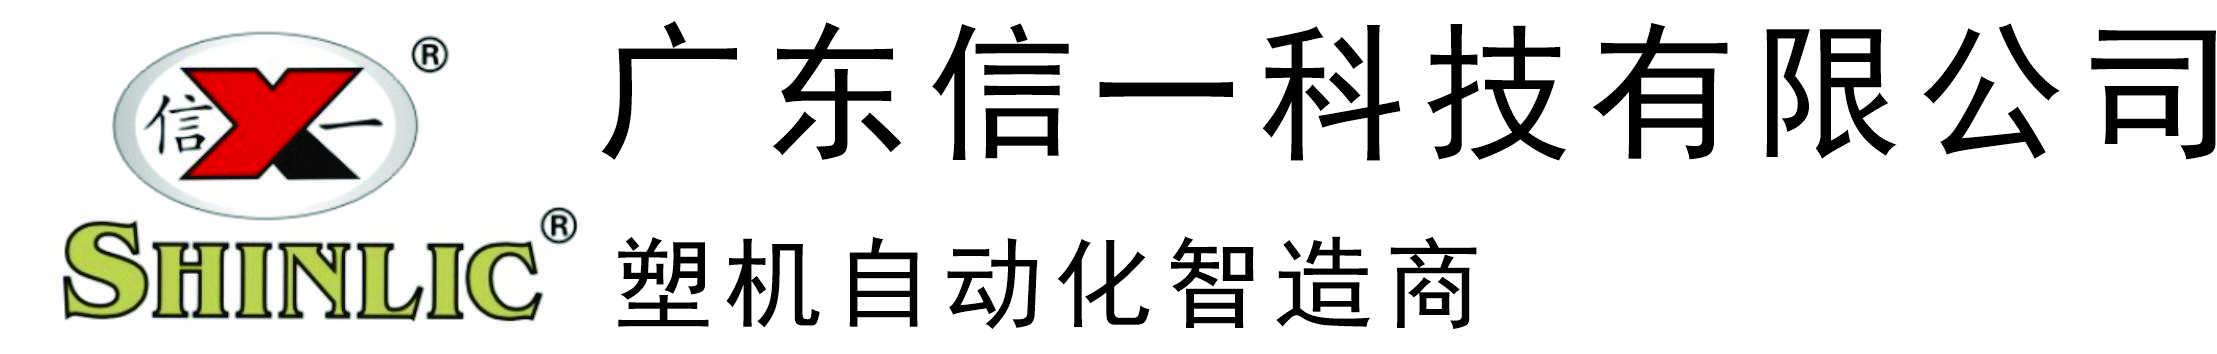 广东信一科技有限公司